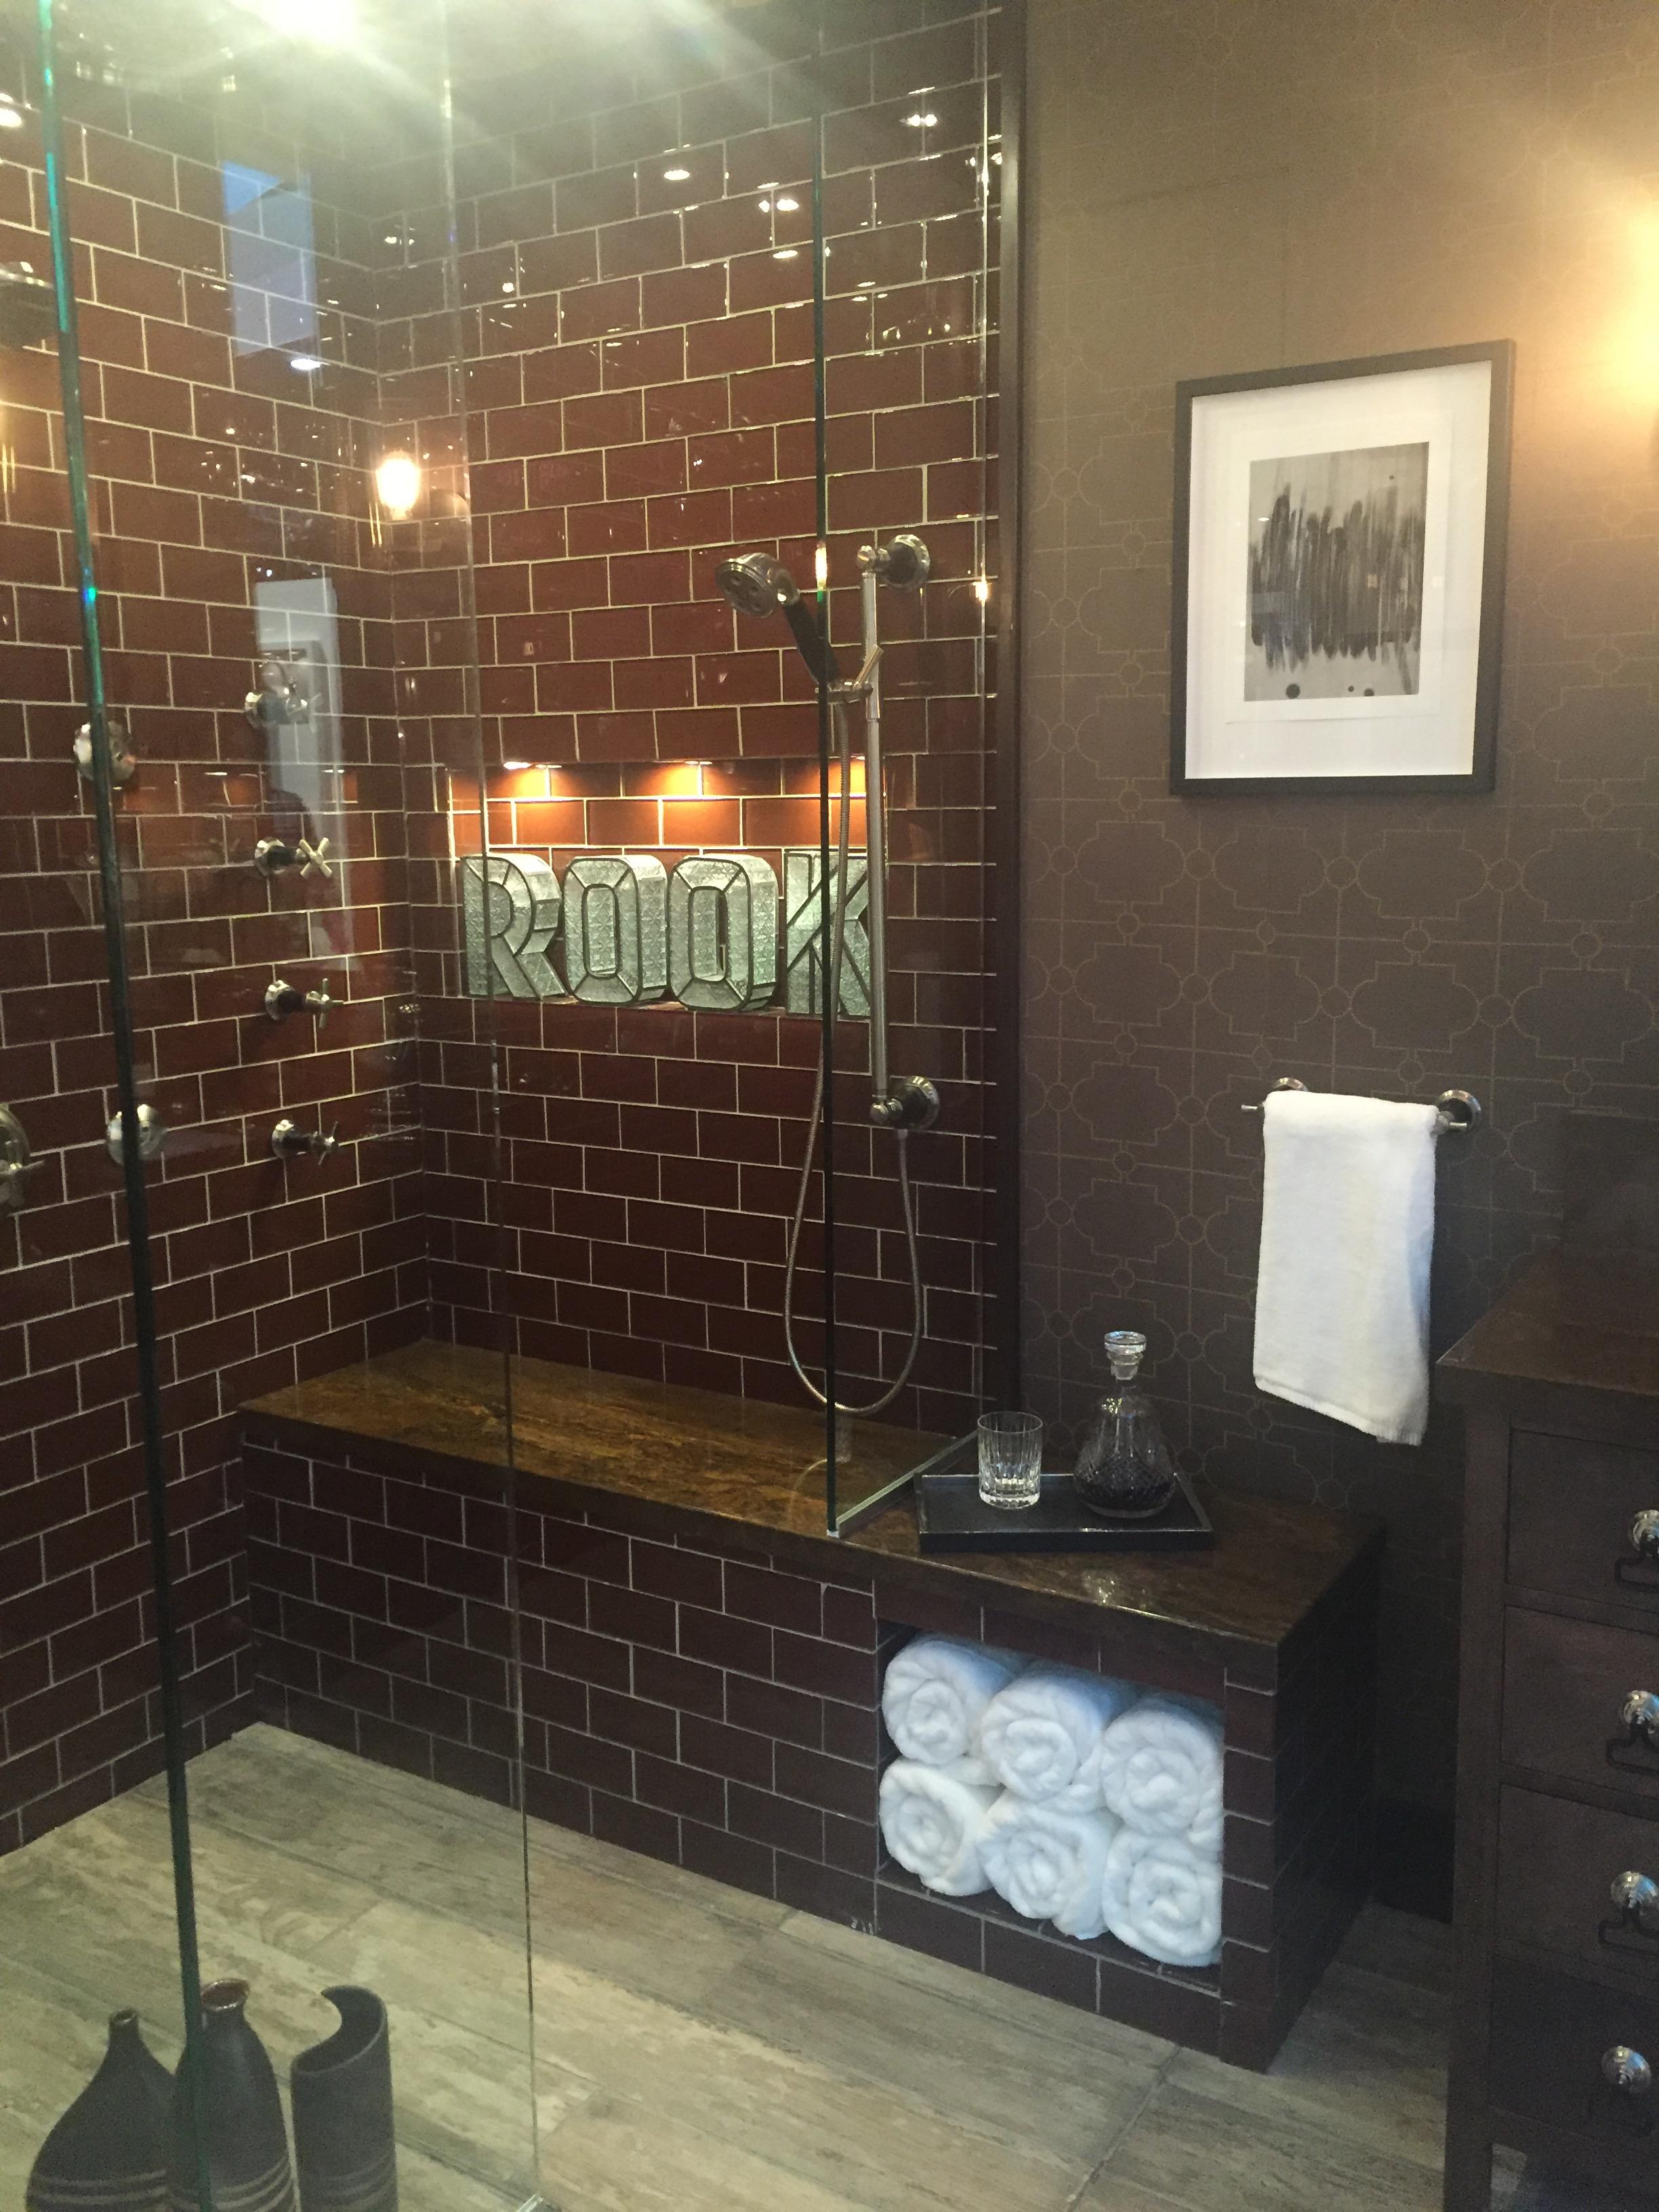 Shower space at KBIS, Las Vegas 2016